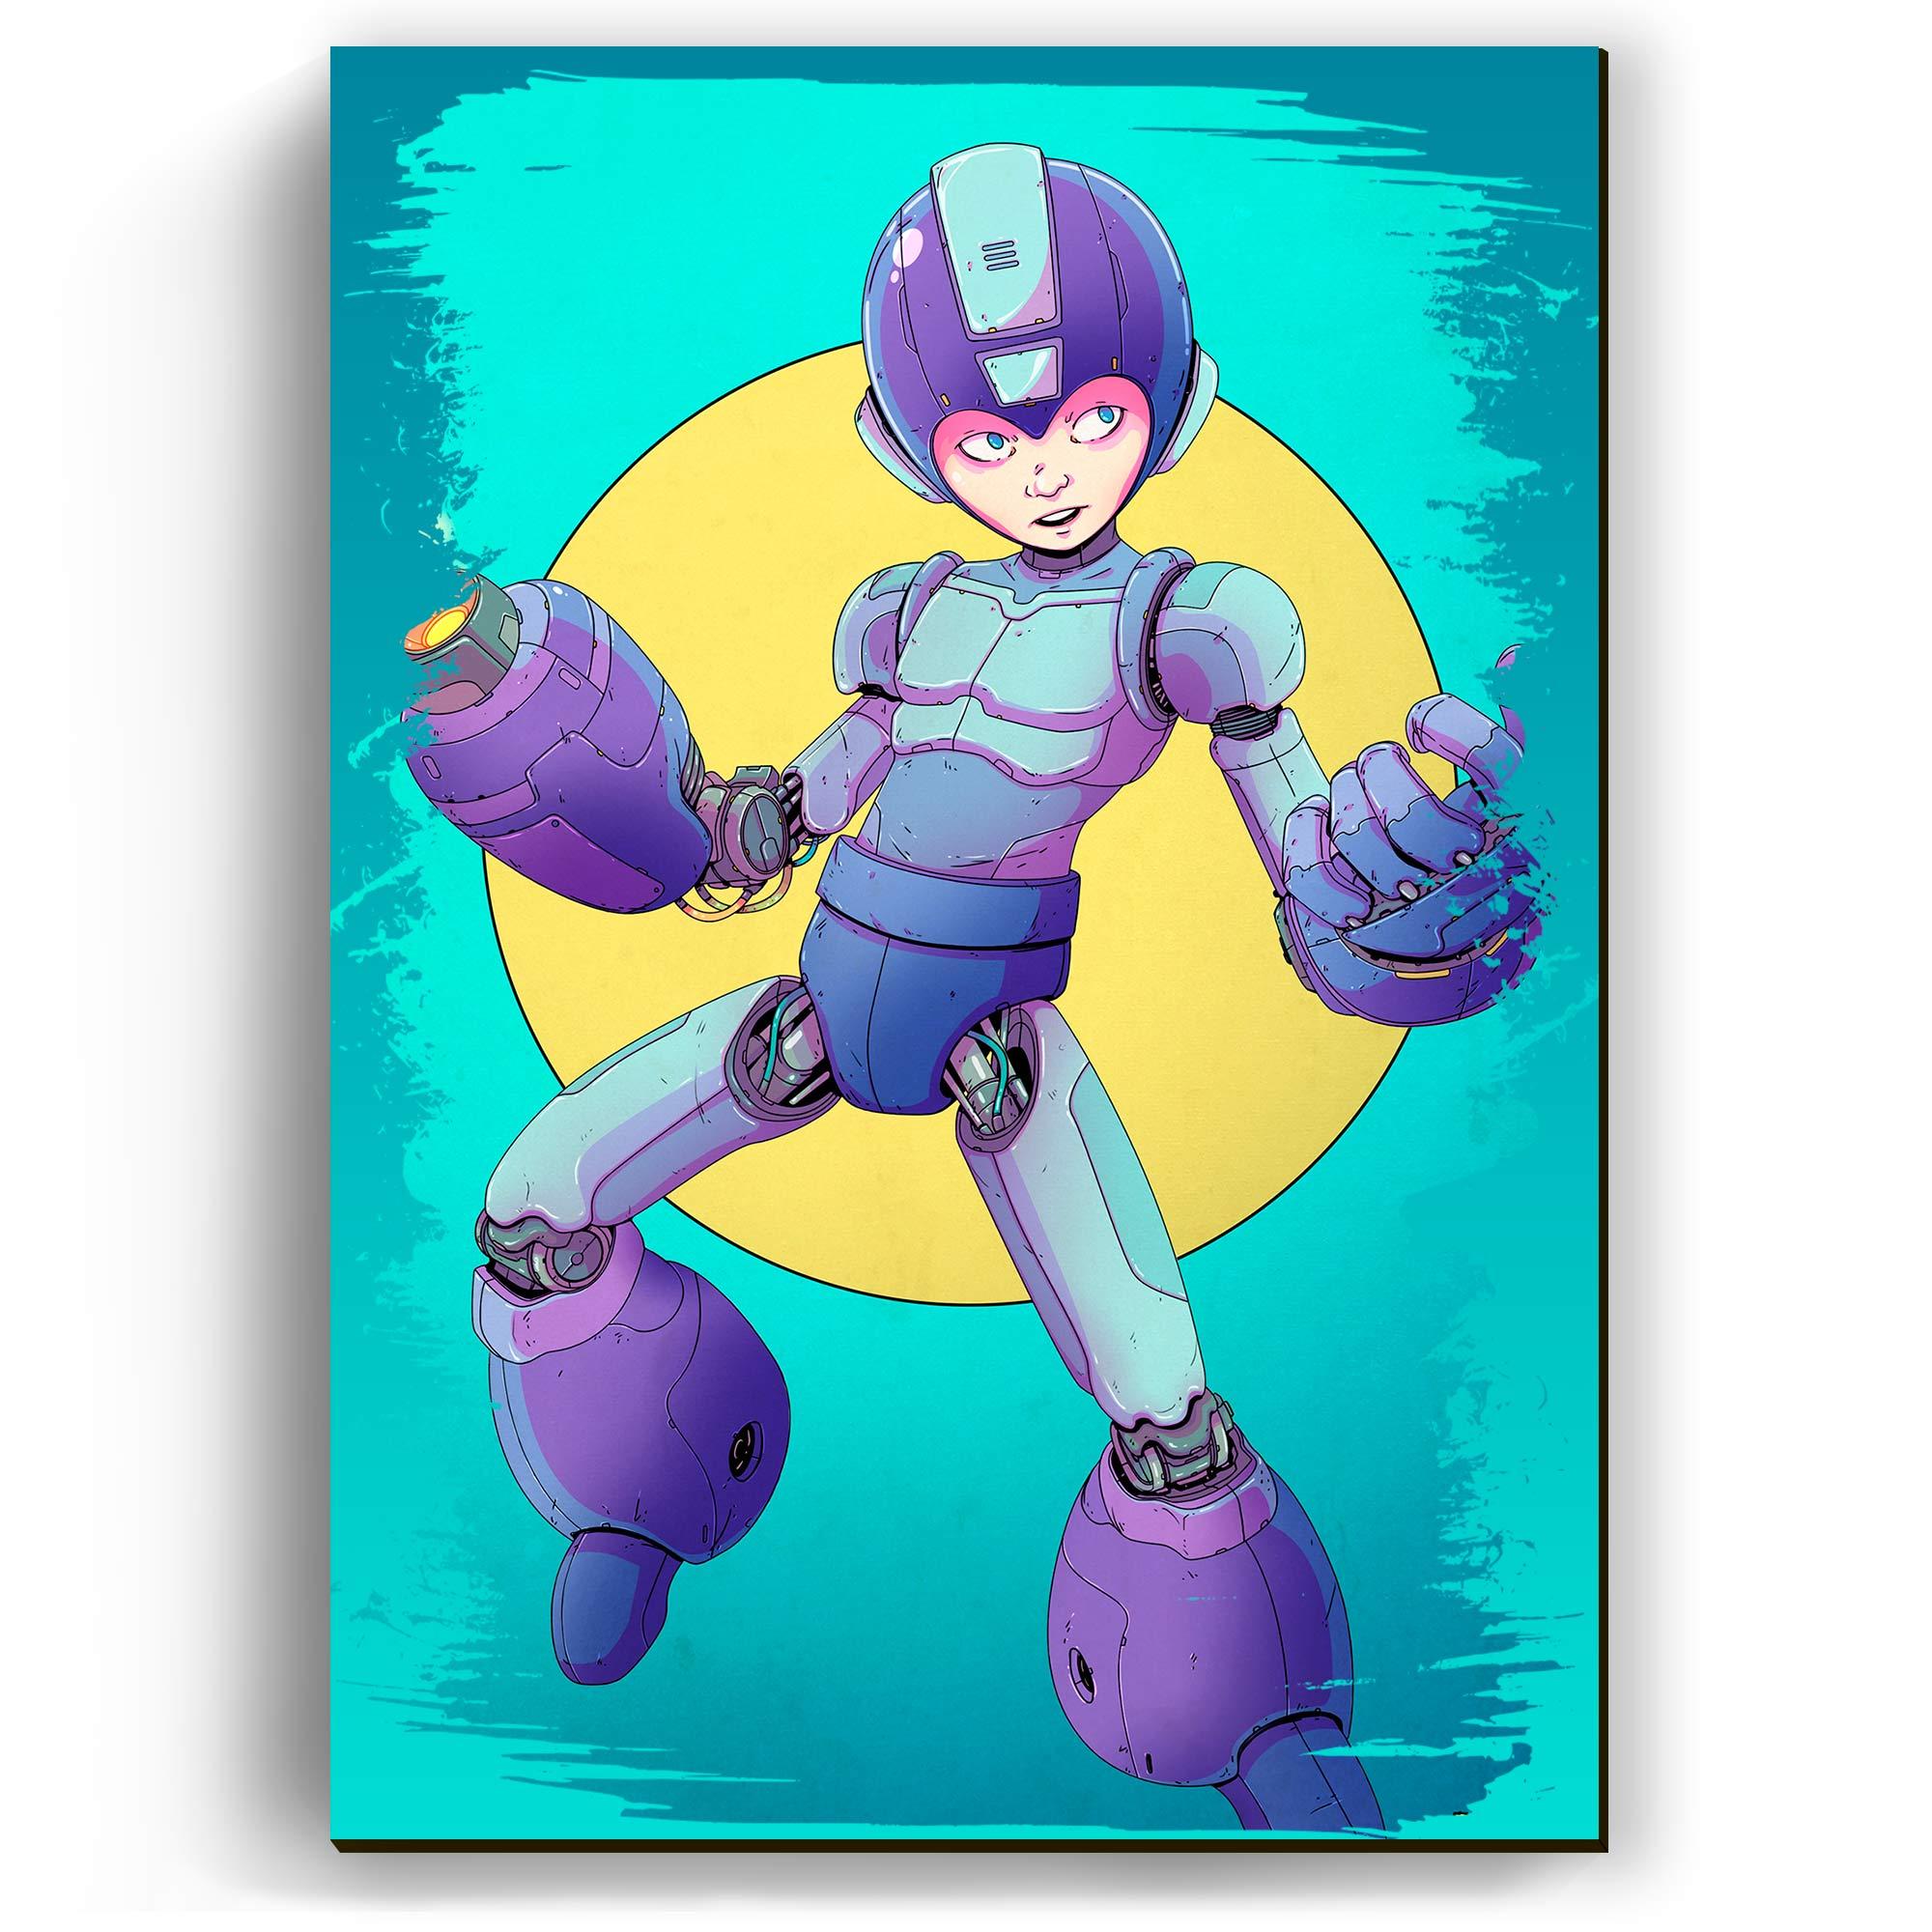 Quadro - Mega Man